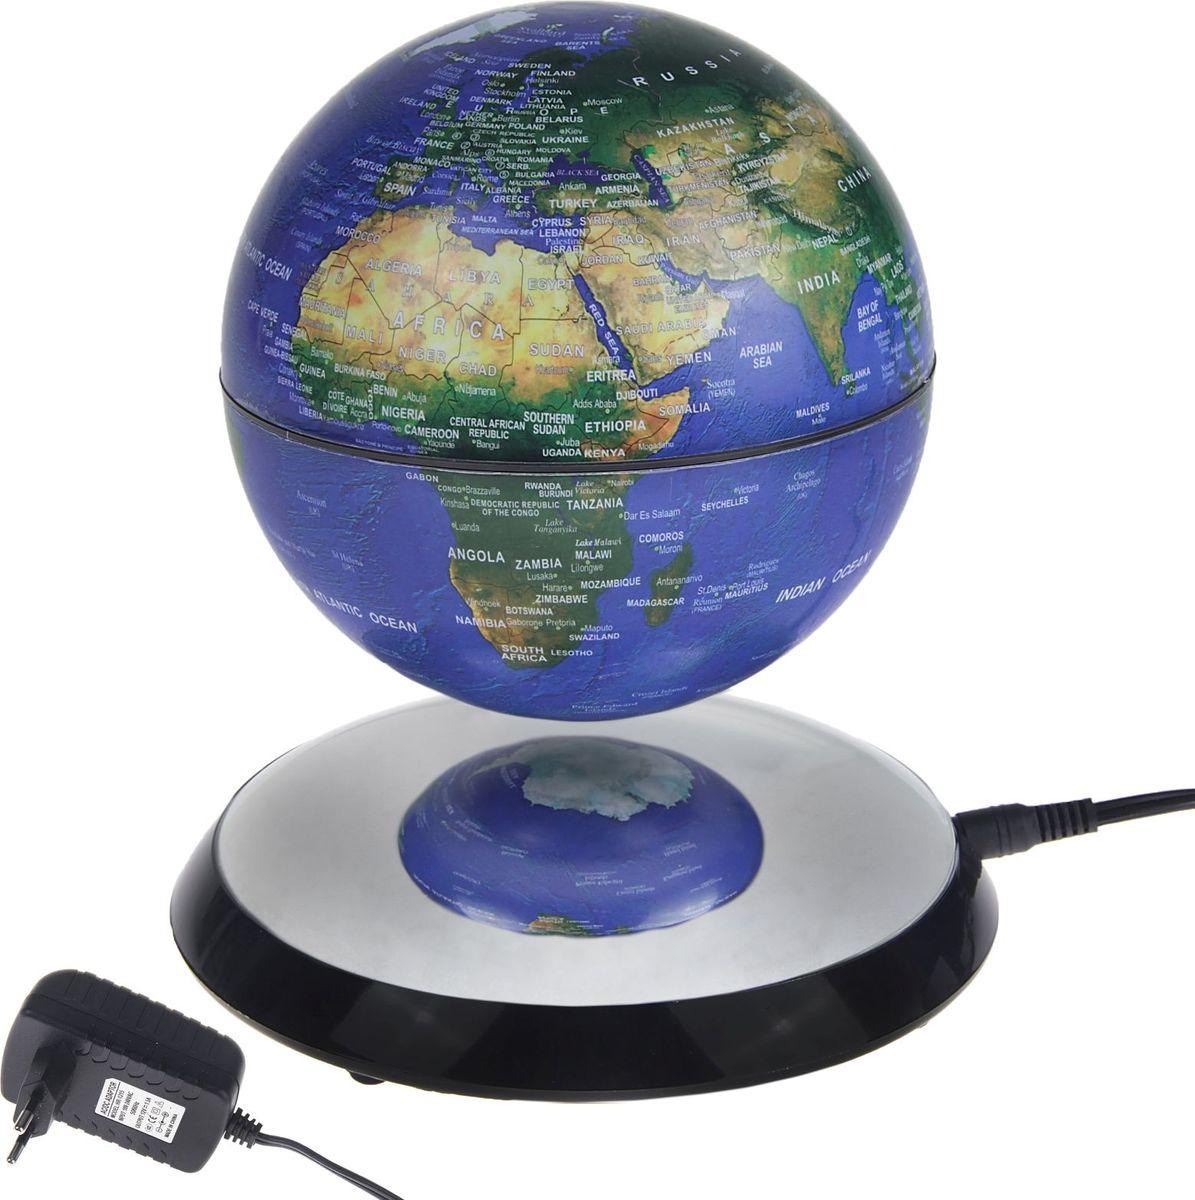 Глобус Политическая карта на английском языке диаметр 10 см глобус политическая карта на английском языке диаметр 33 см